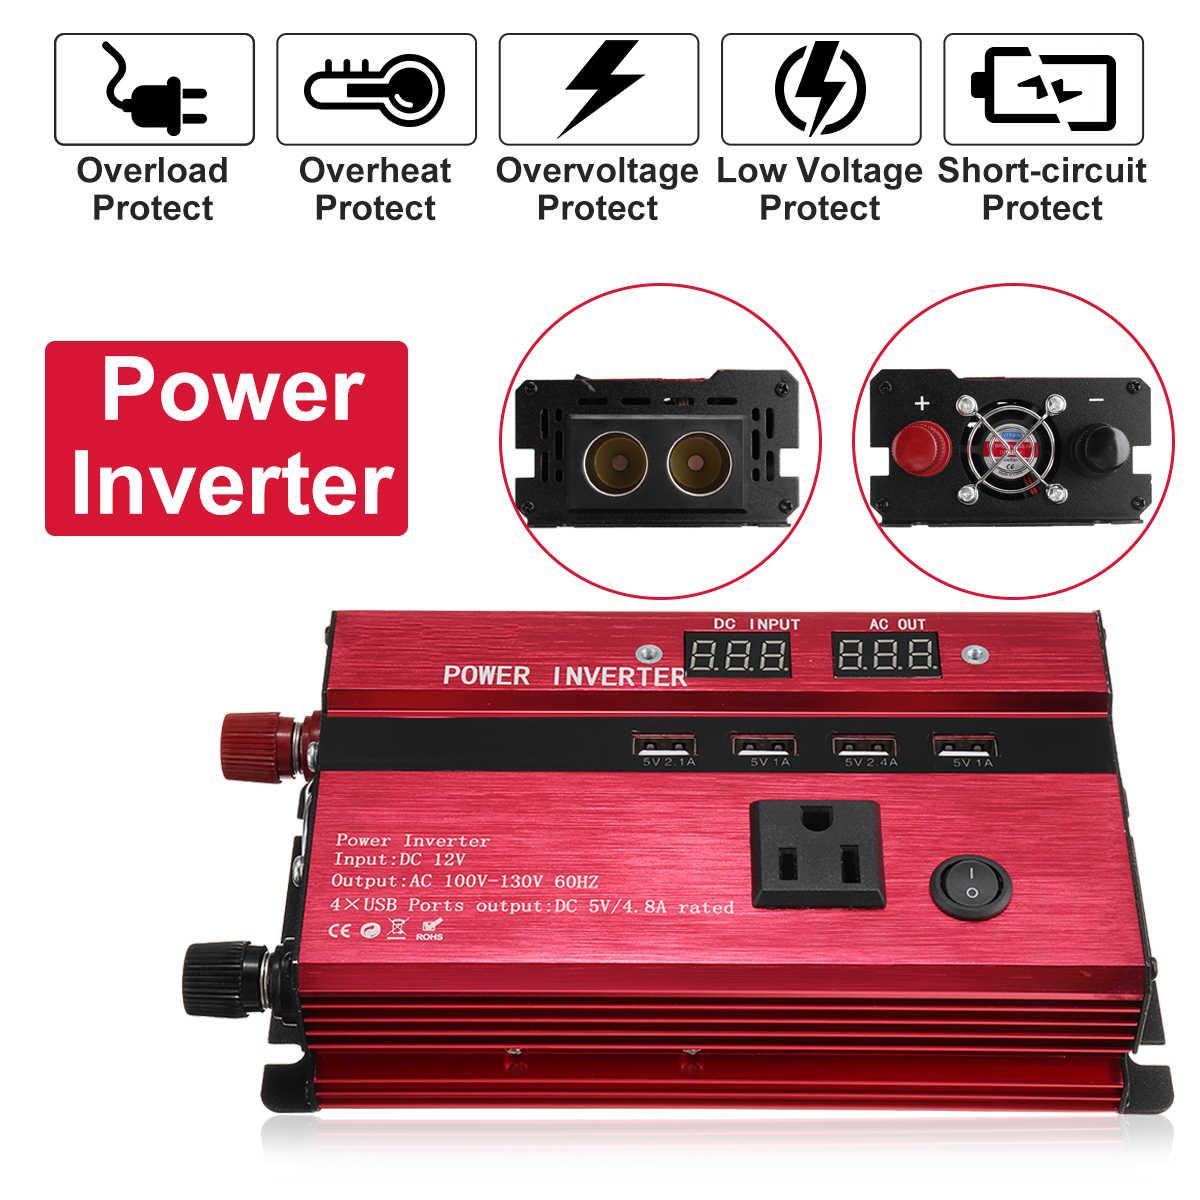 Güneş invertör DC 12/24V AC 110V/220V 3000W/4000W/5000W/8000W/10000W sinüs dalga dönüştürücü gerilim trafosu şarj cihazı